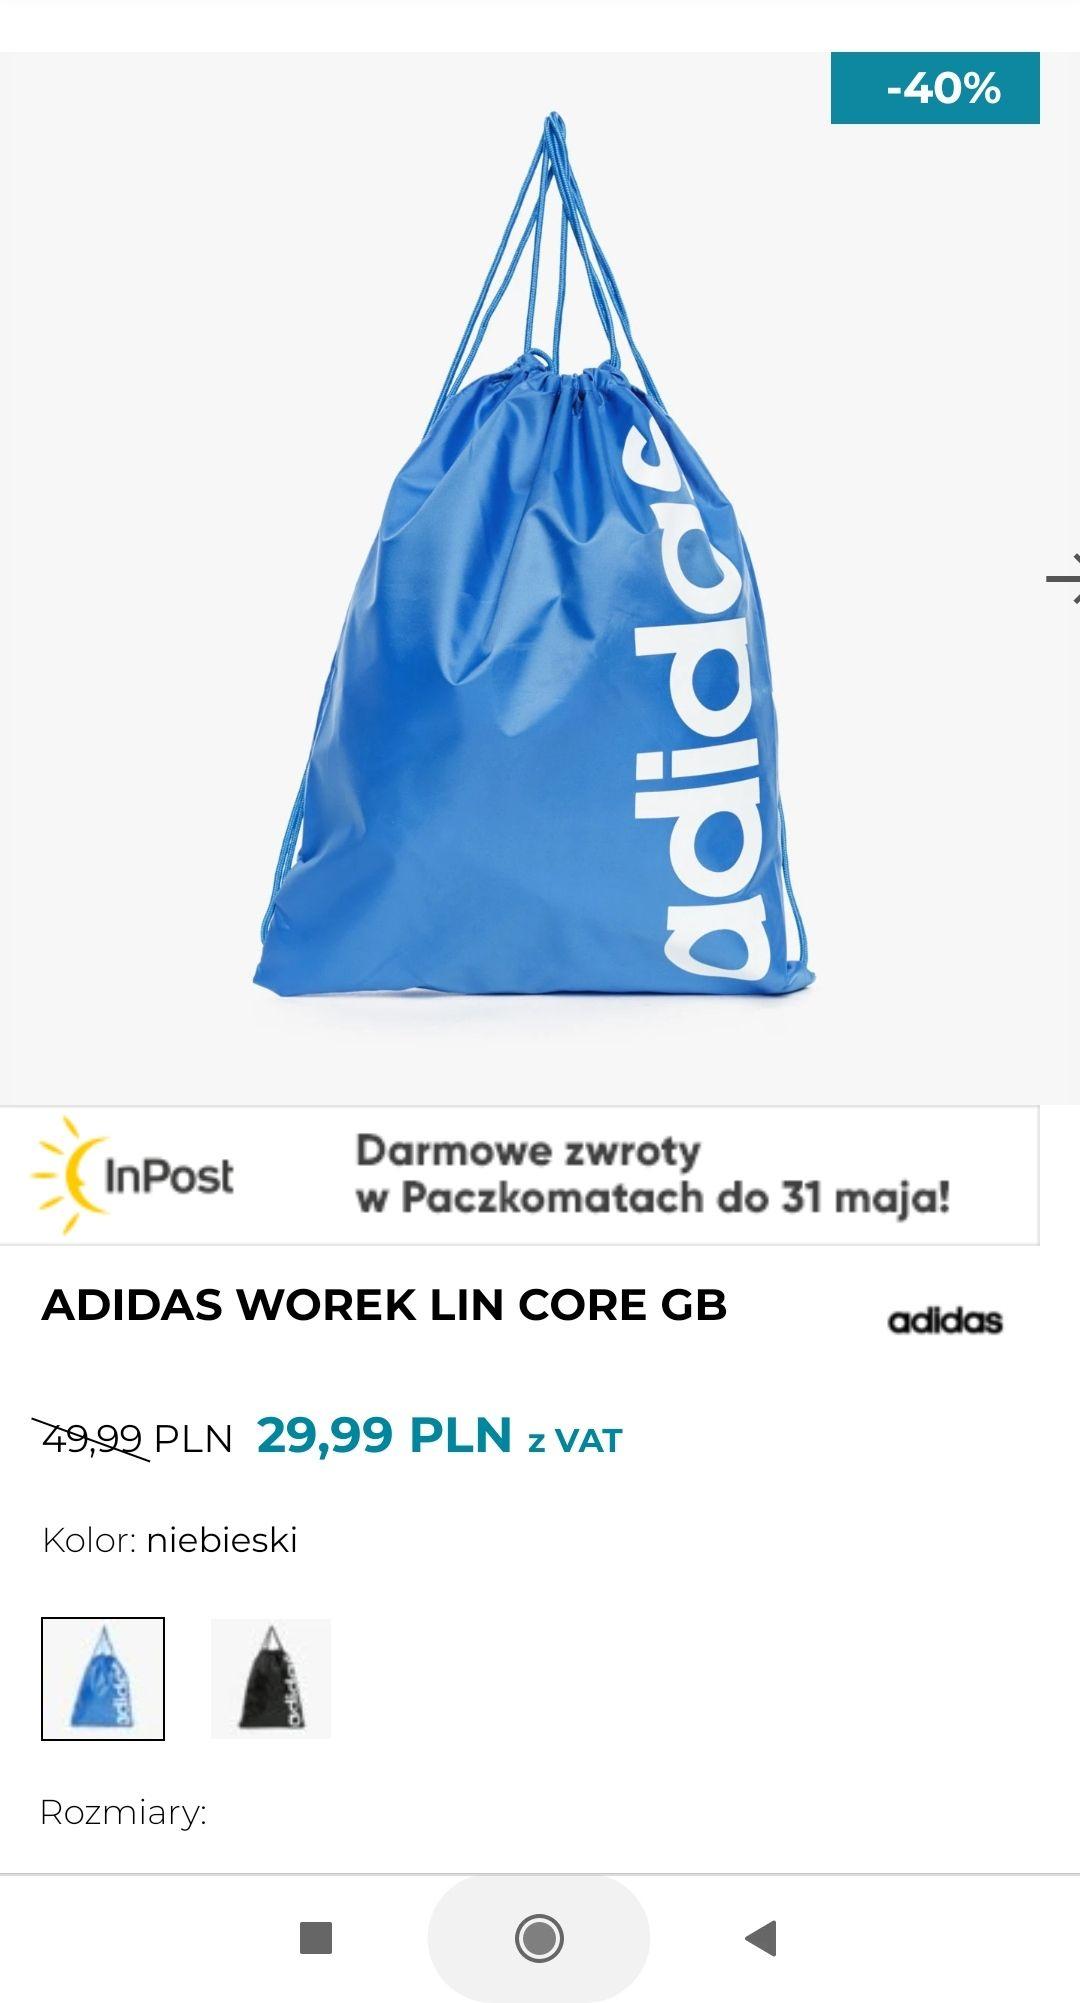 Adidas worek dwa kolory